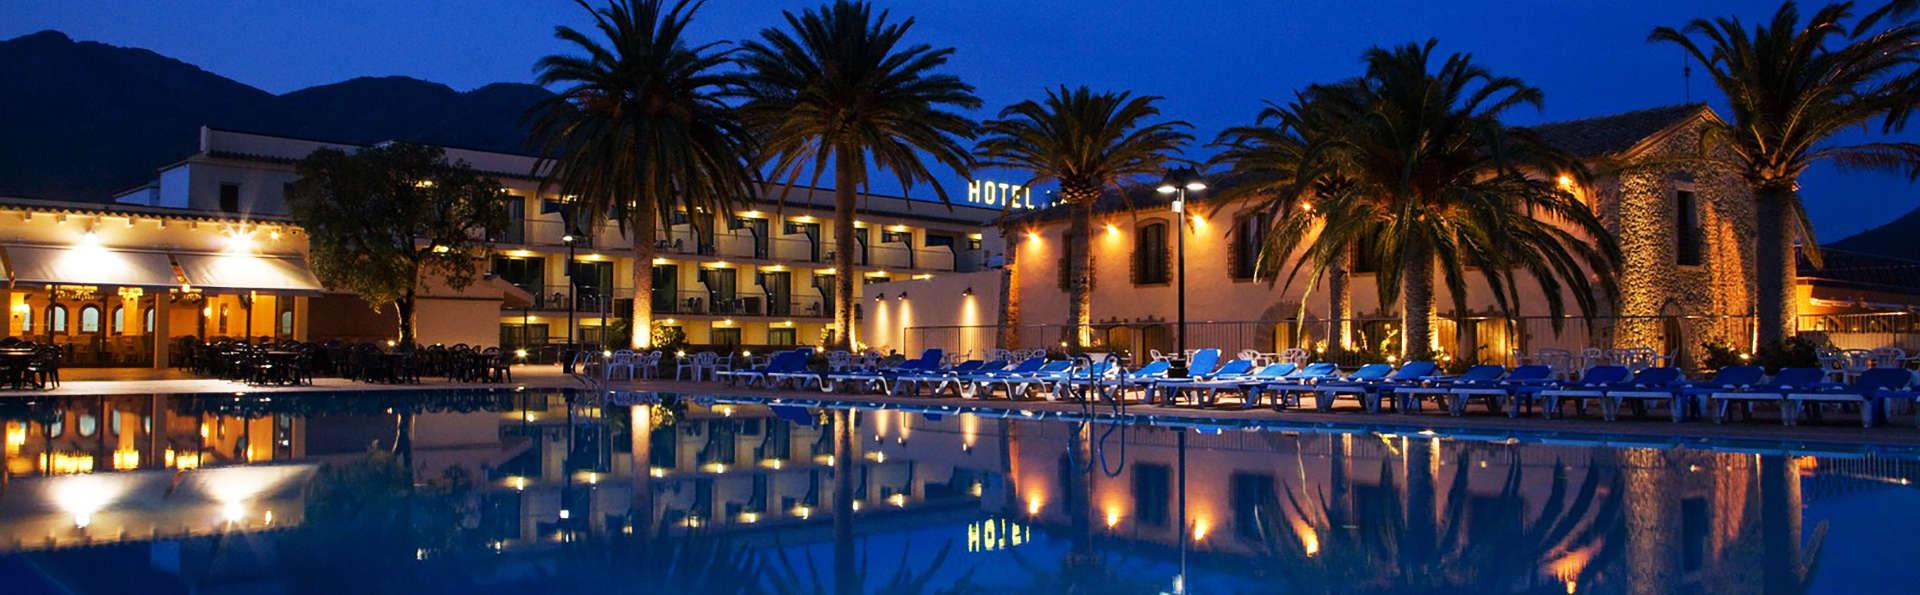 Hotel San Carlos - edit_Piscina-exterior-de-noche-2.jpg